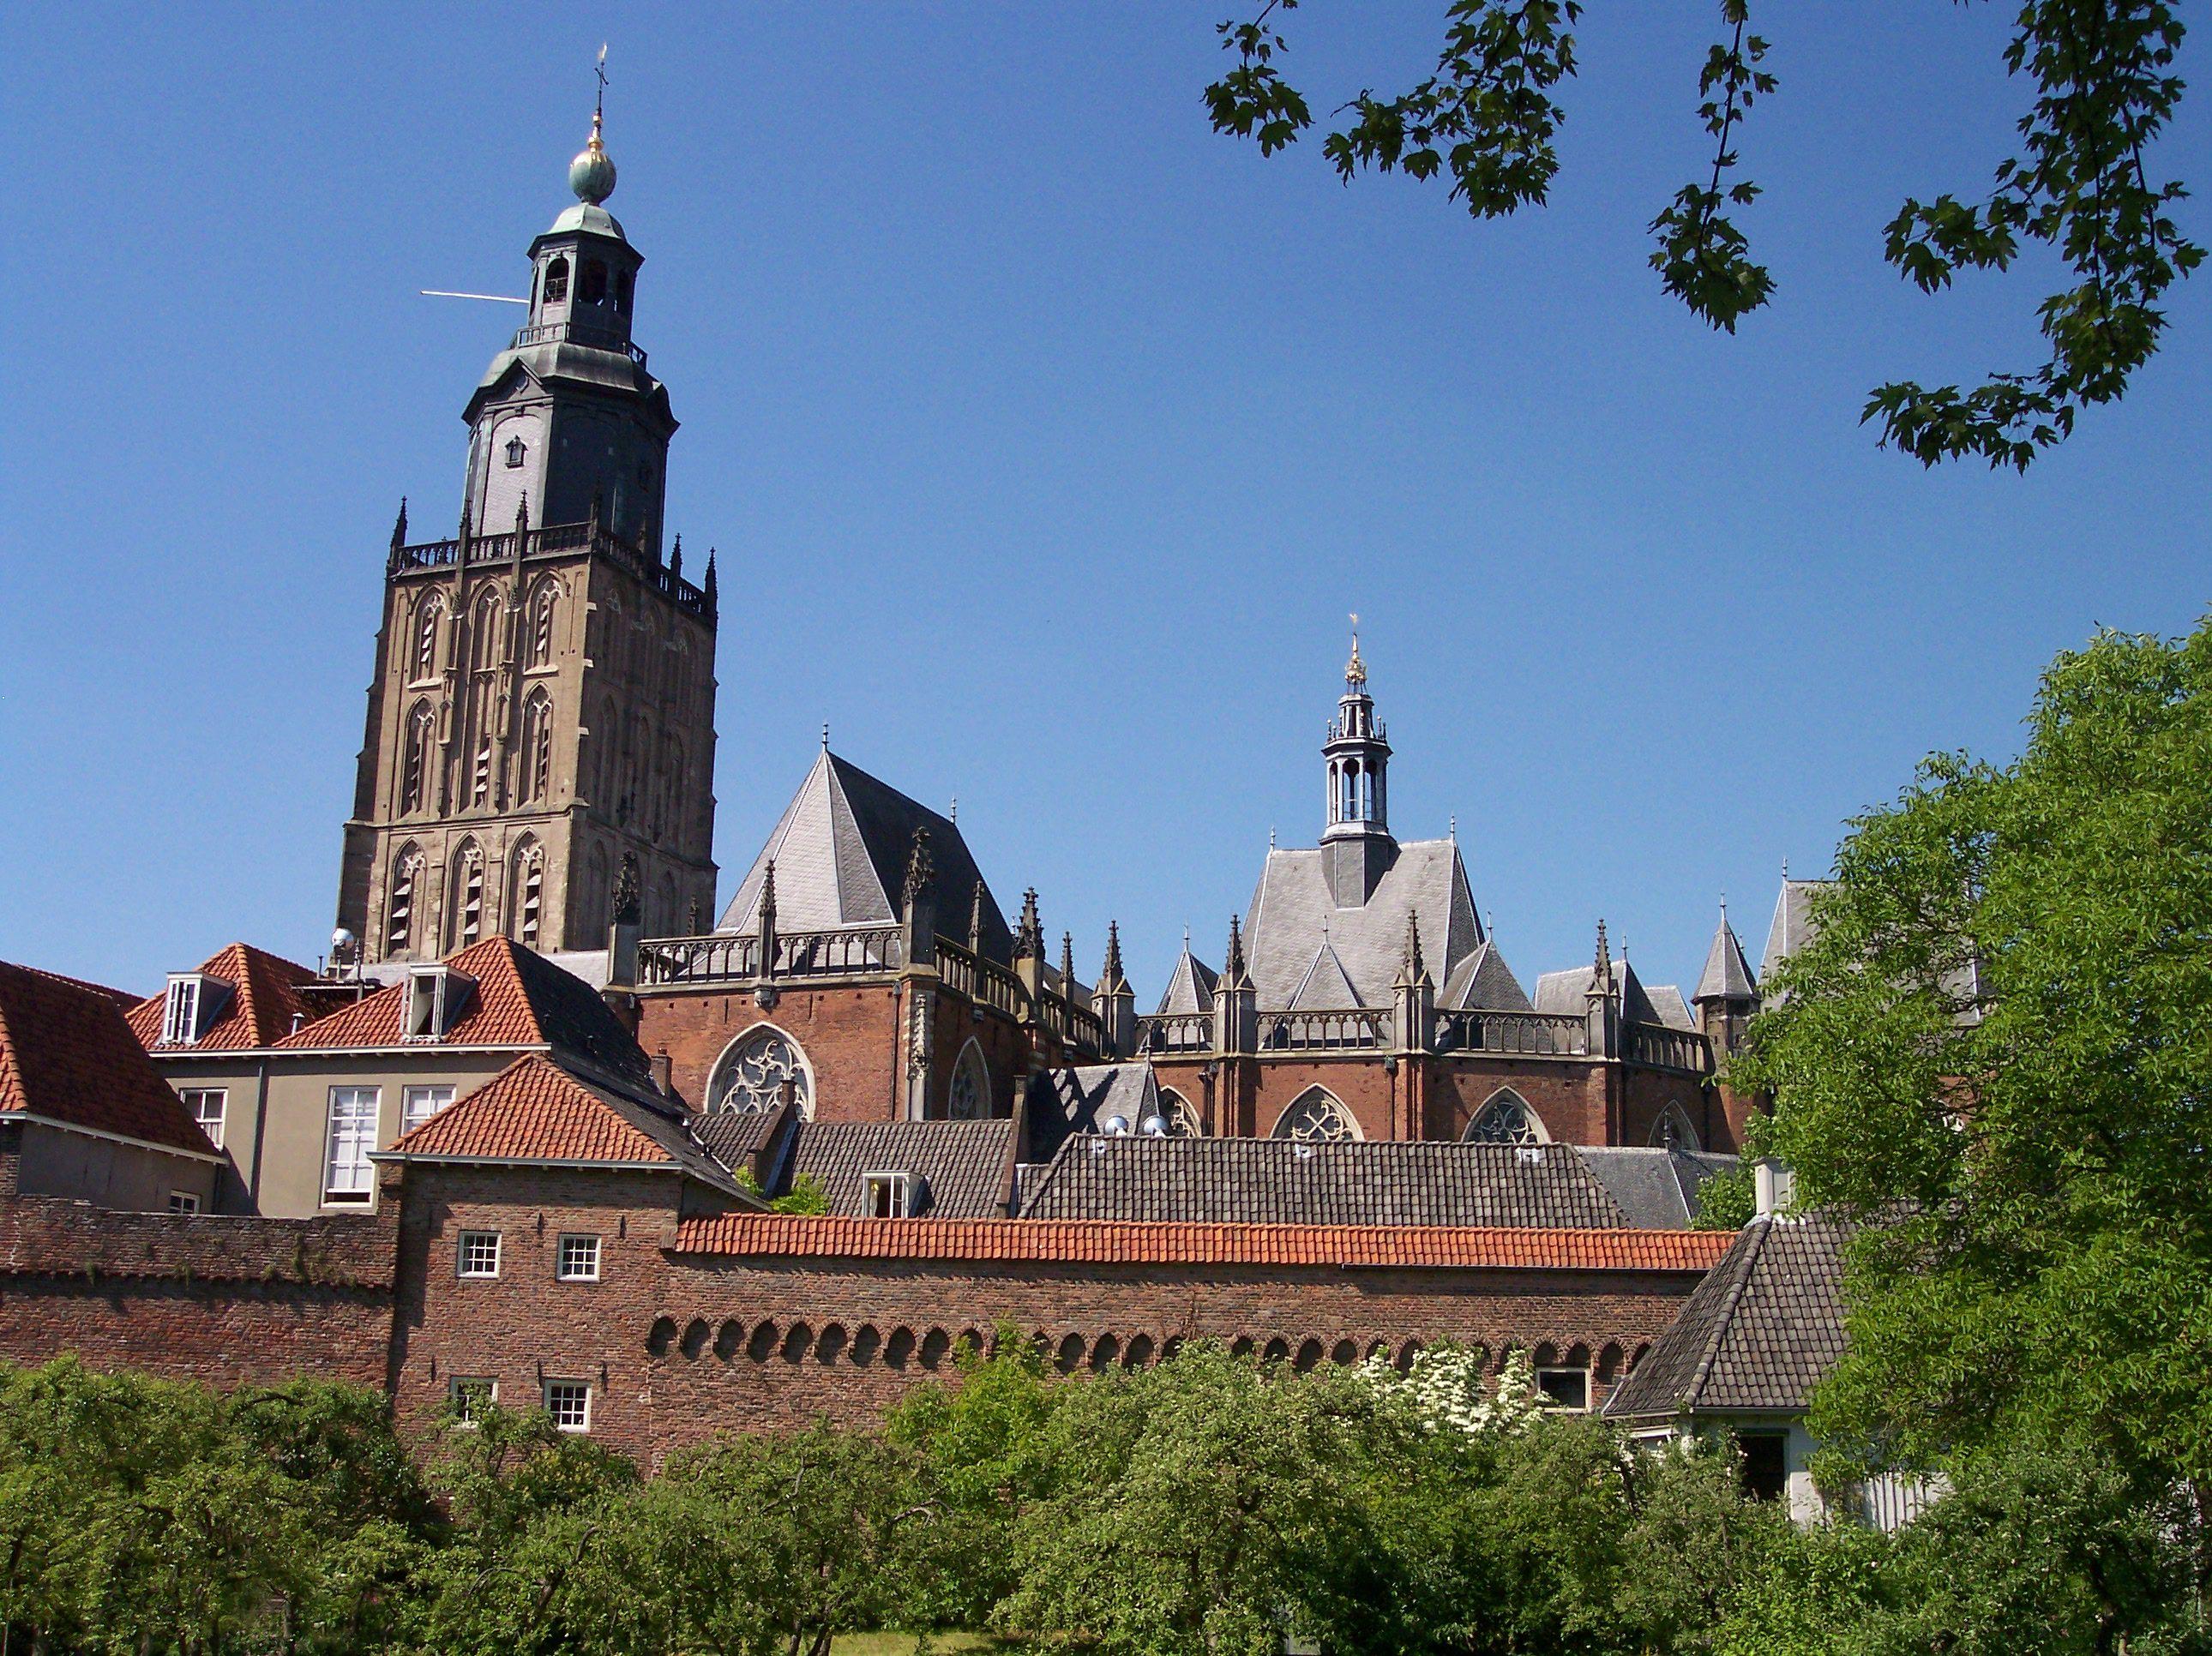 02_Zutphen_Walburgiskirche.jpg